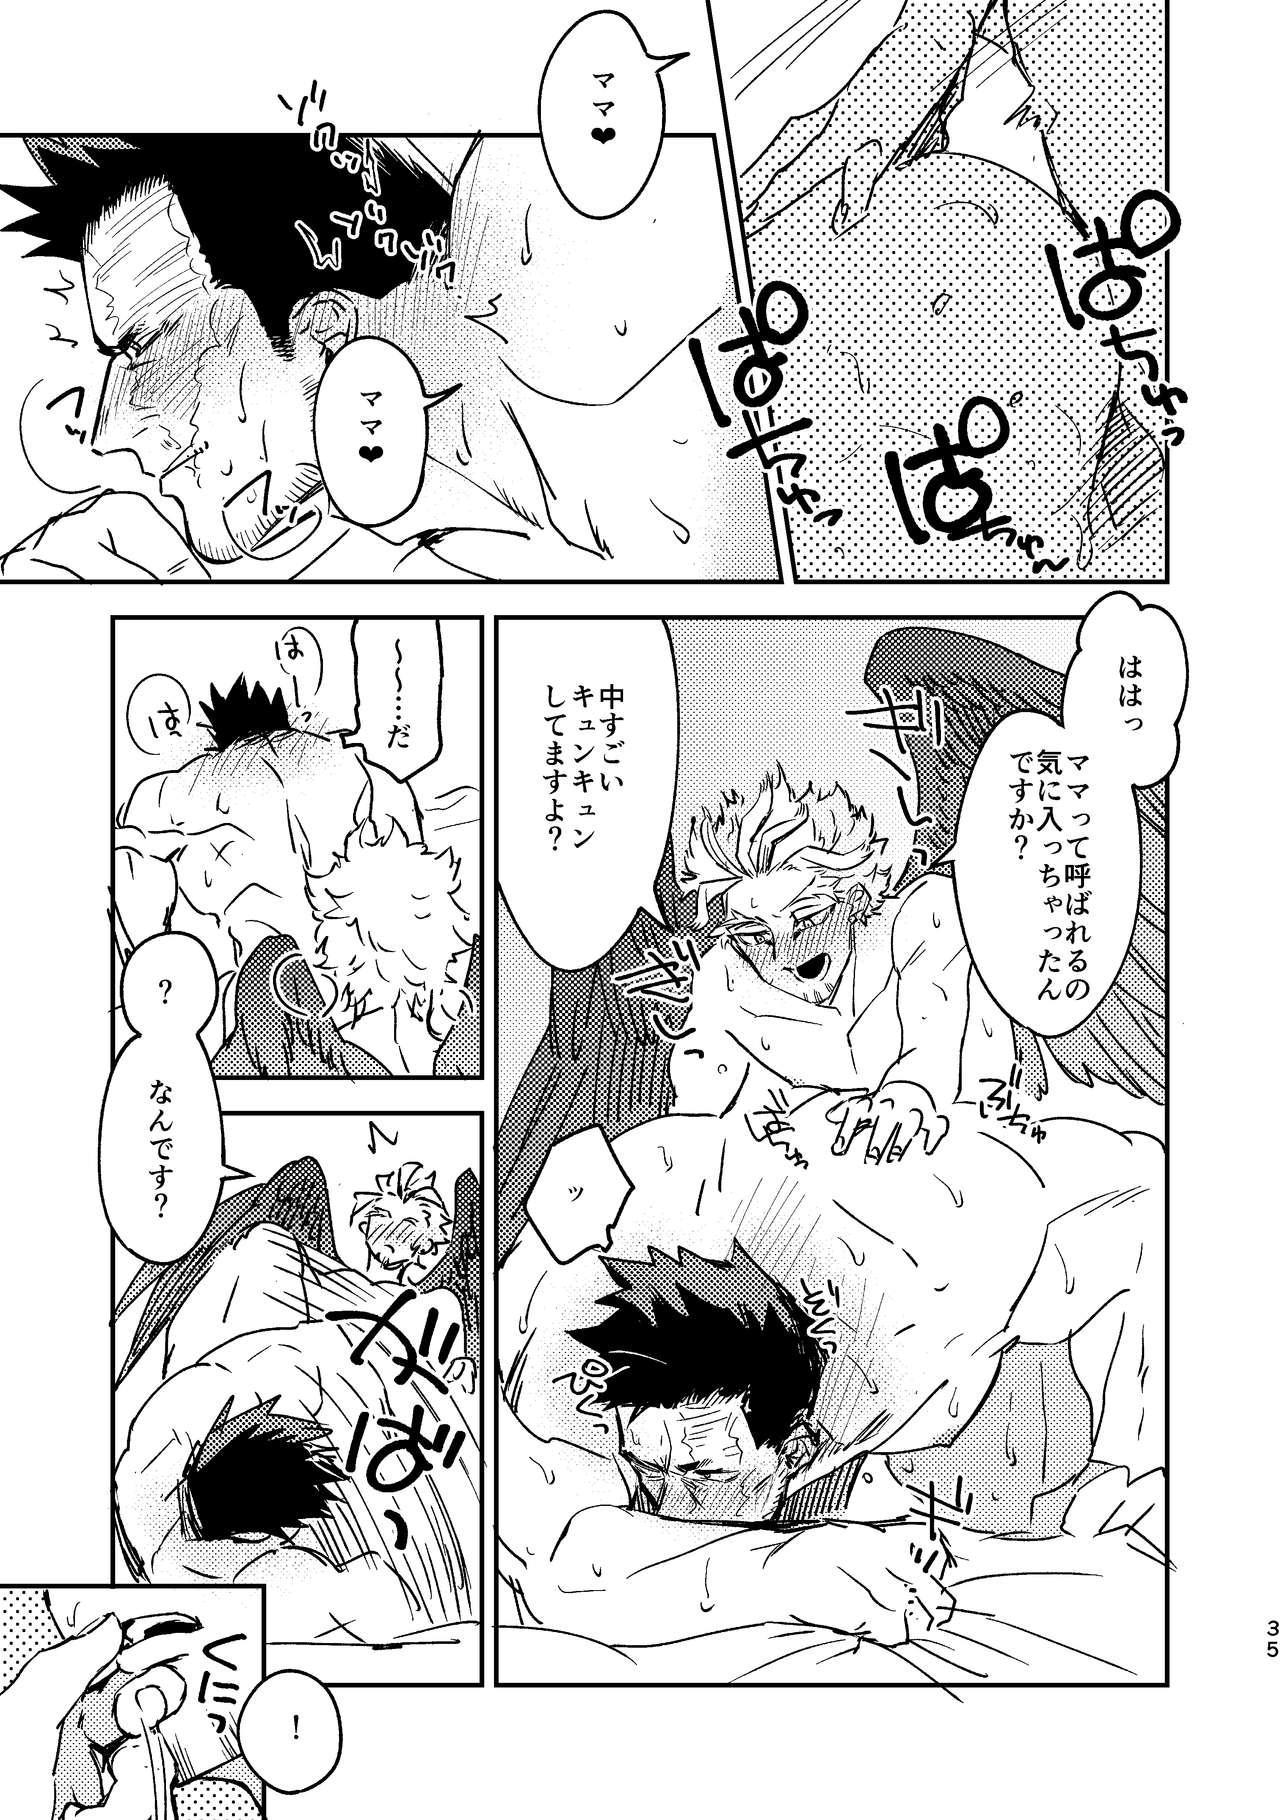 WEB Sairoku Zumi HawEn Manga ga Kami demo Yomeru Hon. 34